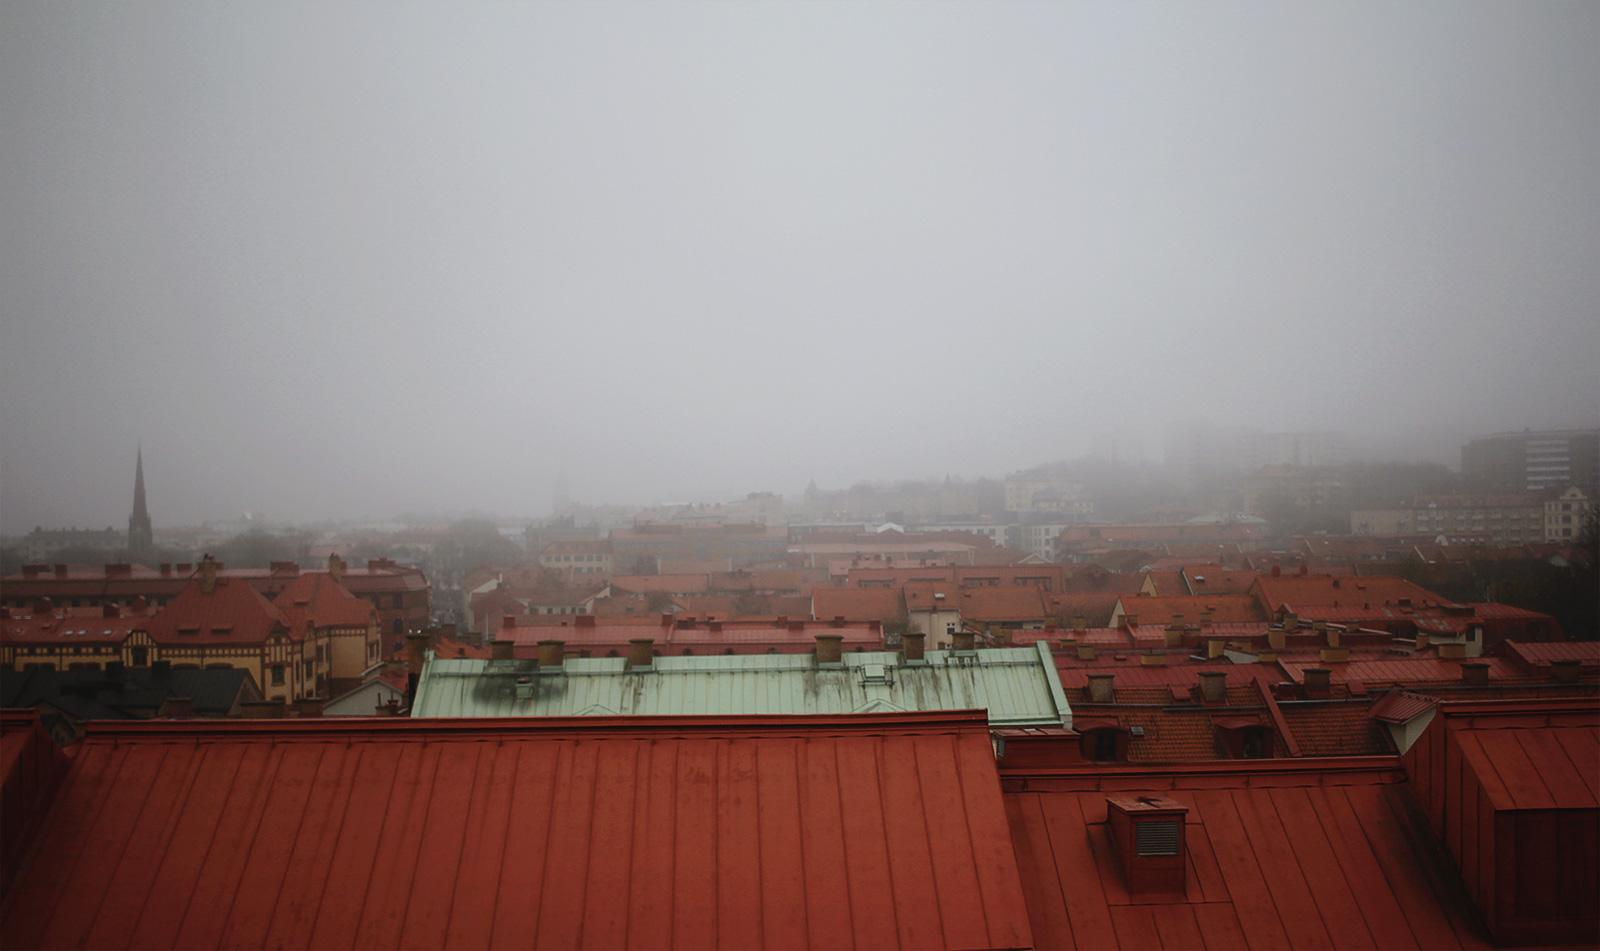 anggardsbergen-april-01